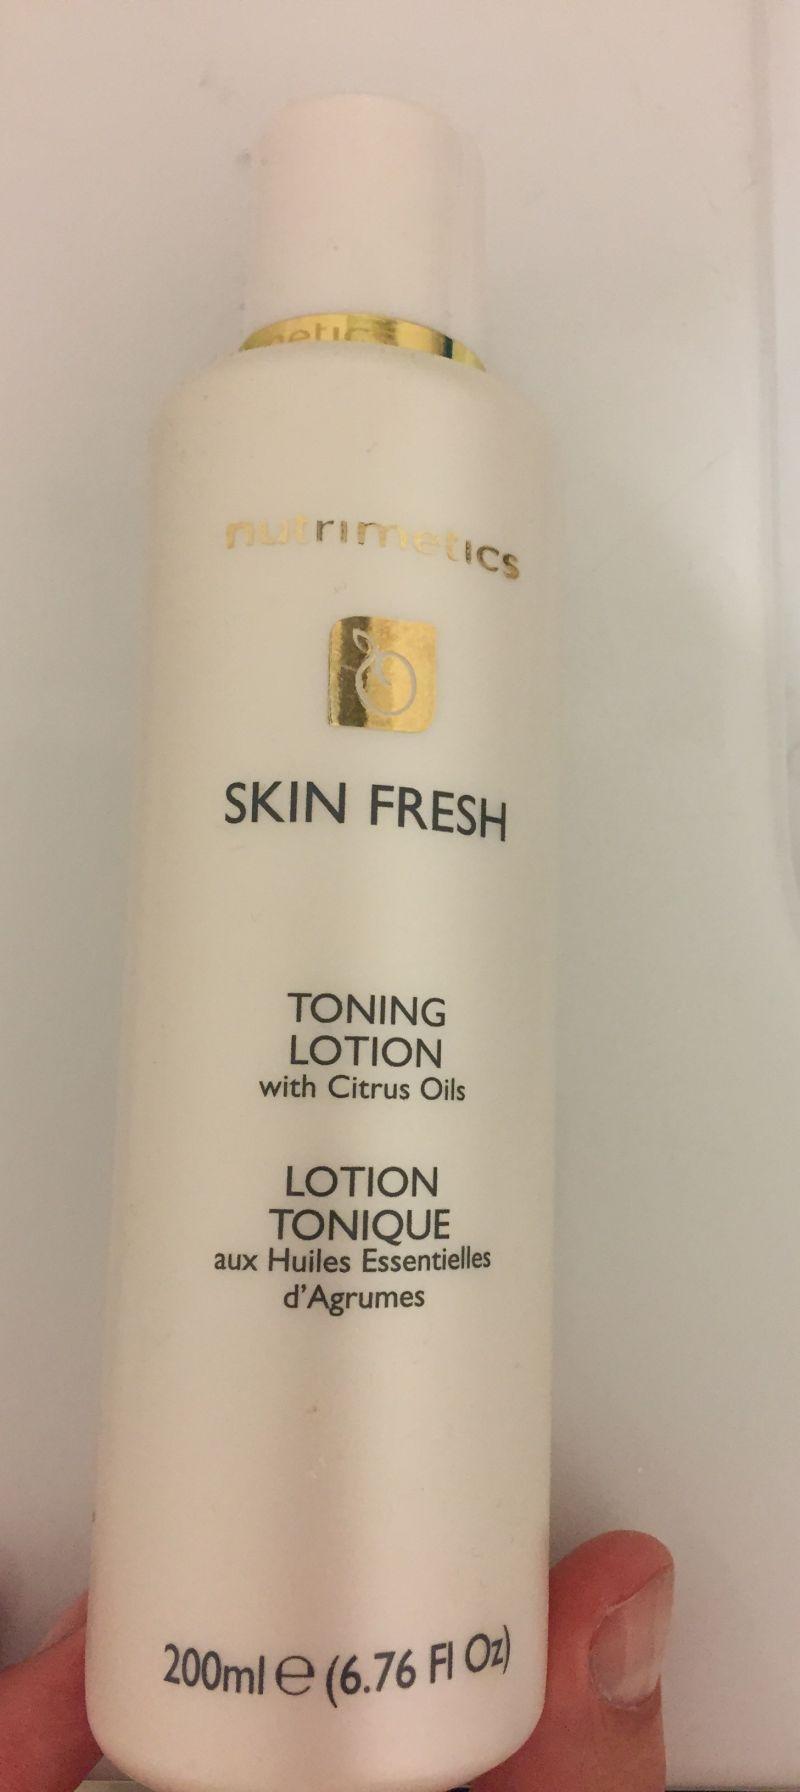 Skin fresh, Nutrimetics - Infos et avis